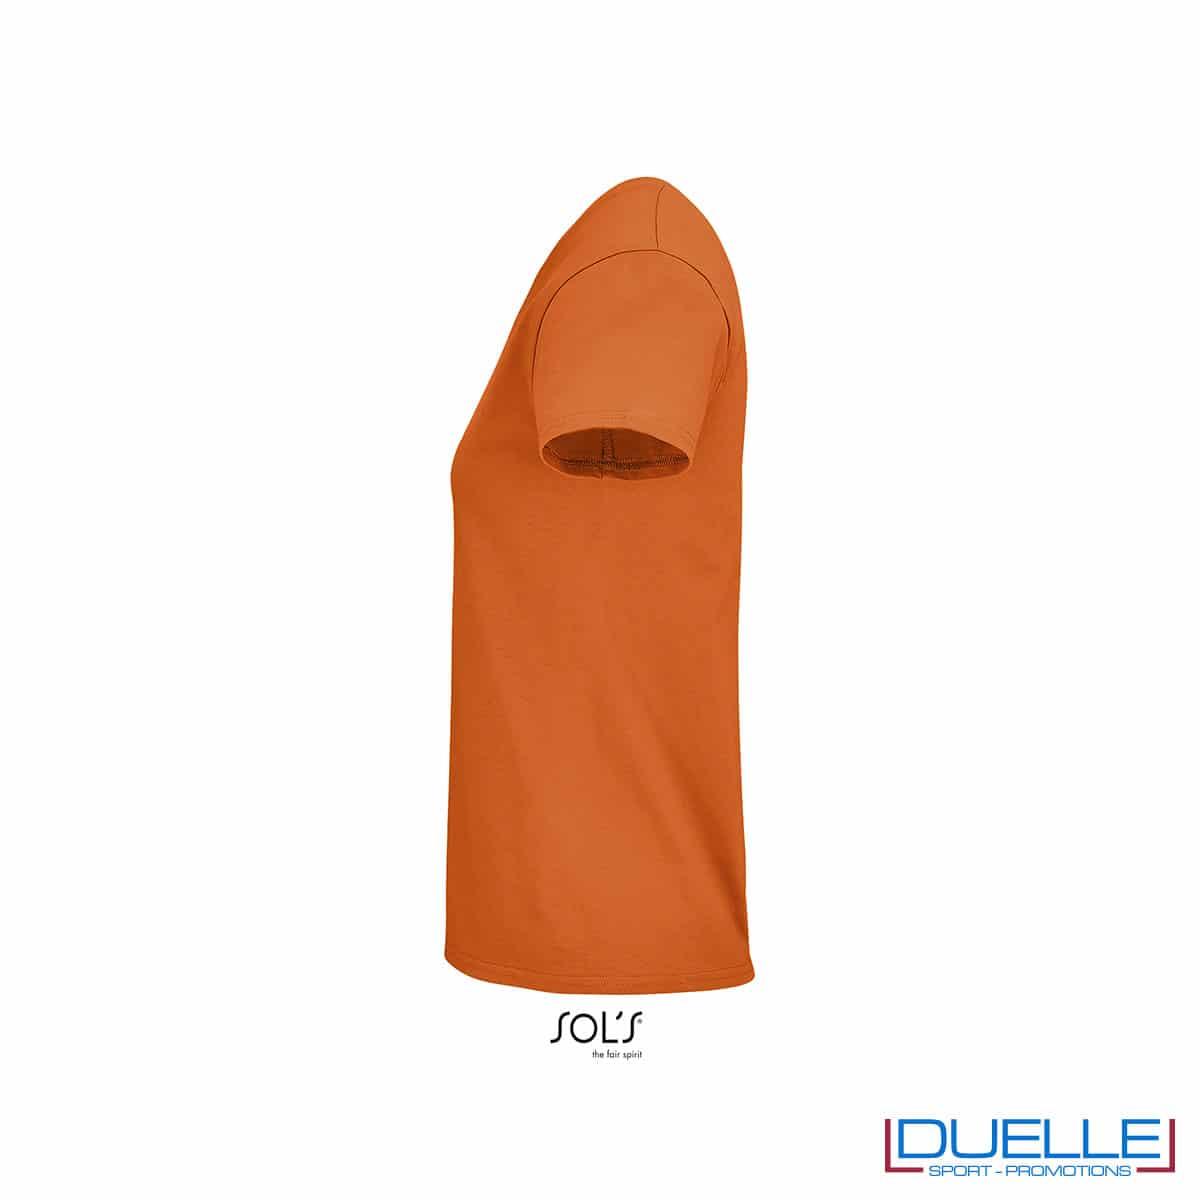 maglietta donna arancio girocollo lato